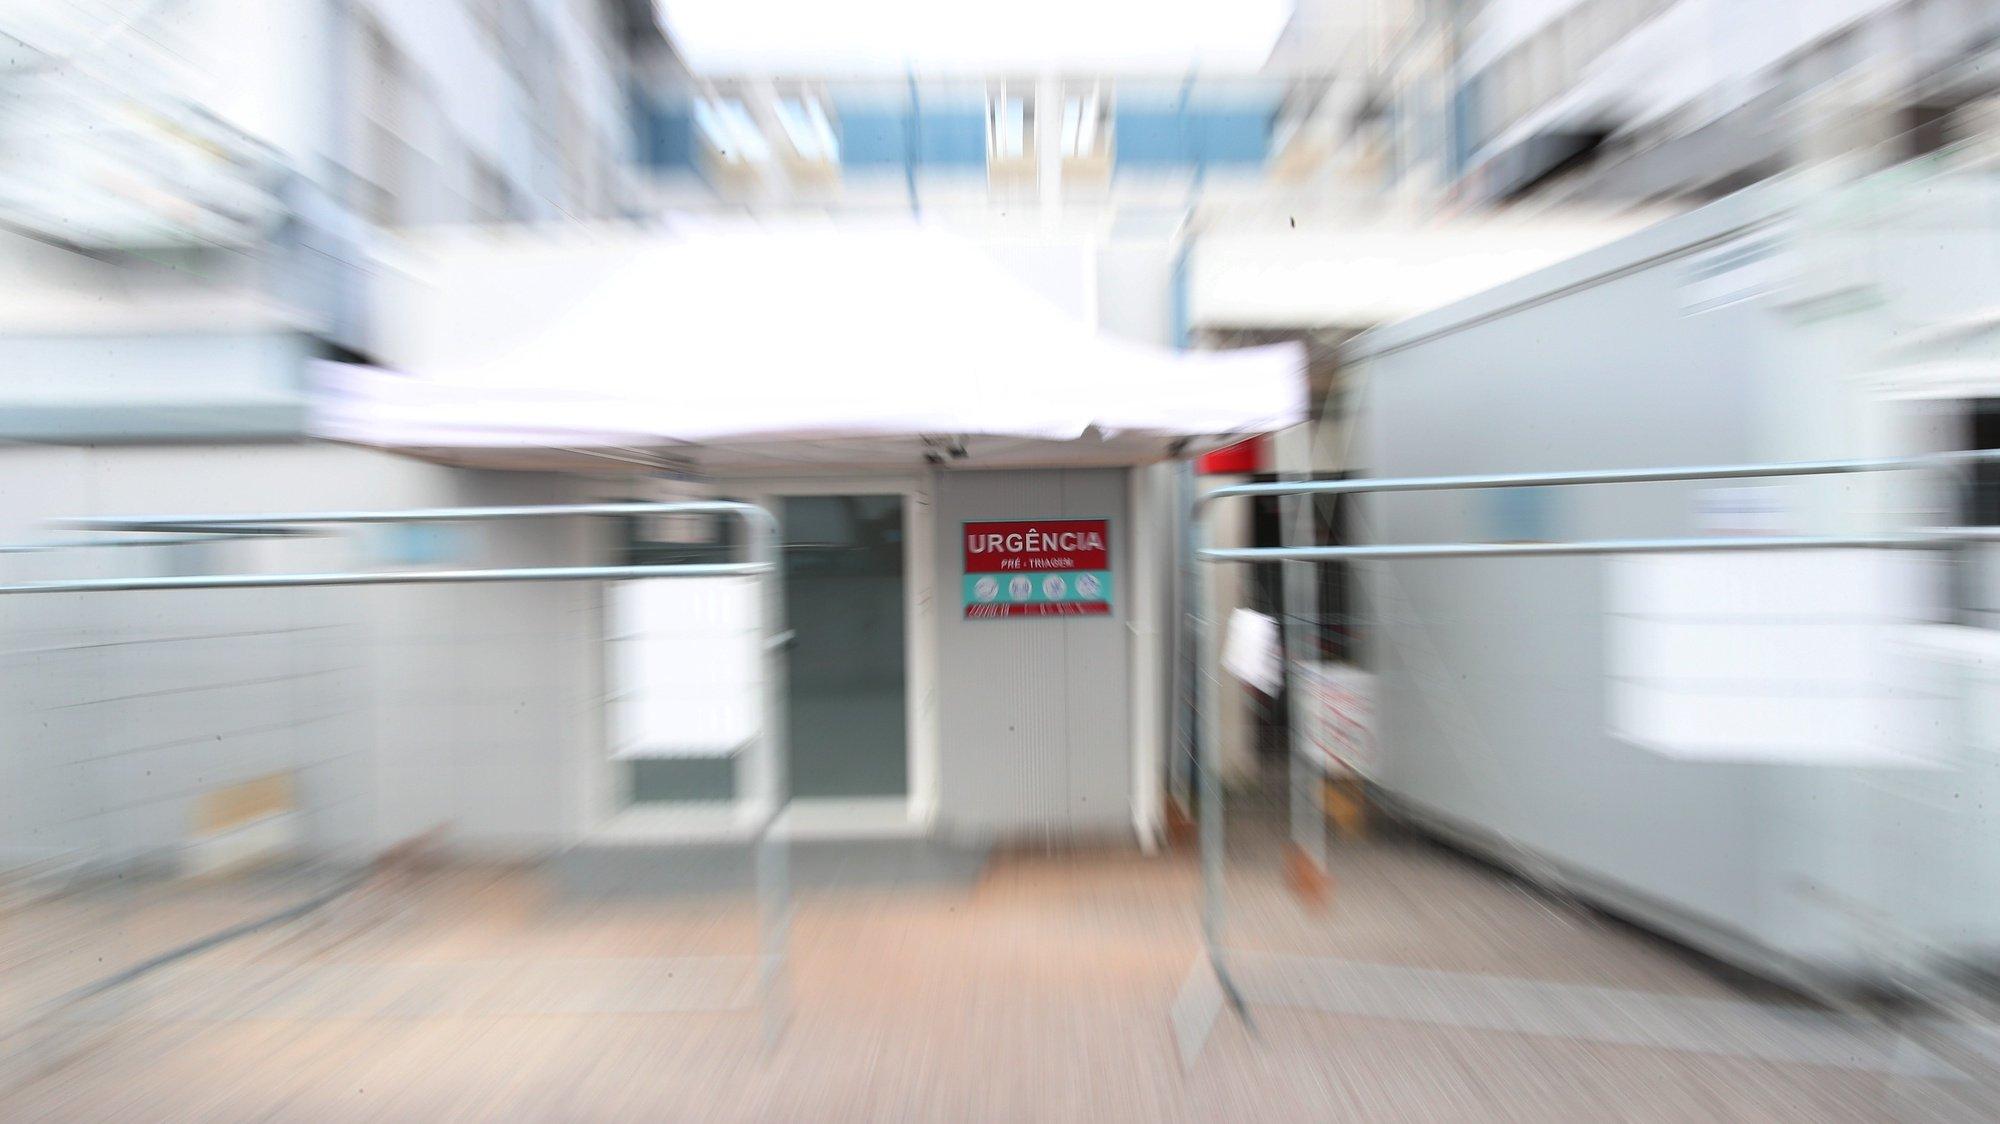 Entrada da triagem nas urgências do Hospital do Espírito Santo De Évora, em Évora, 16 de fevereiro de 2021. NUNO VEIGA/LUSA